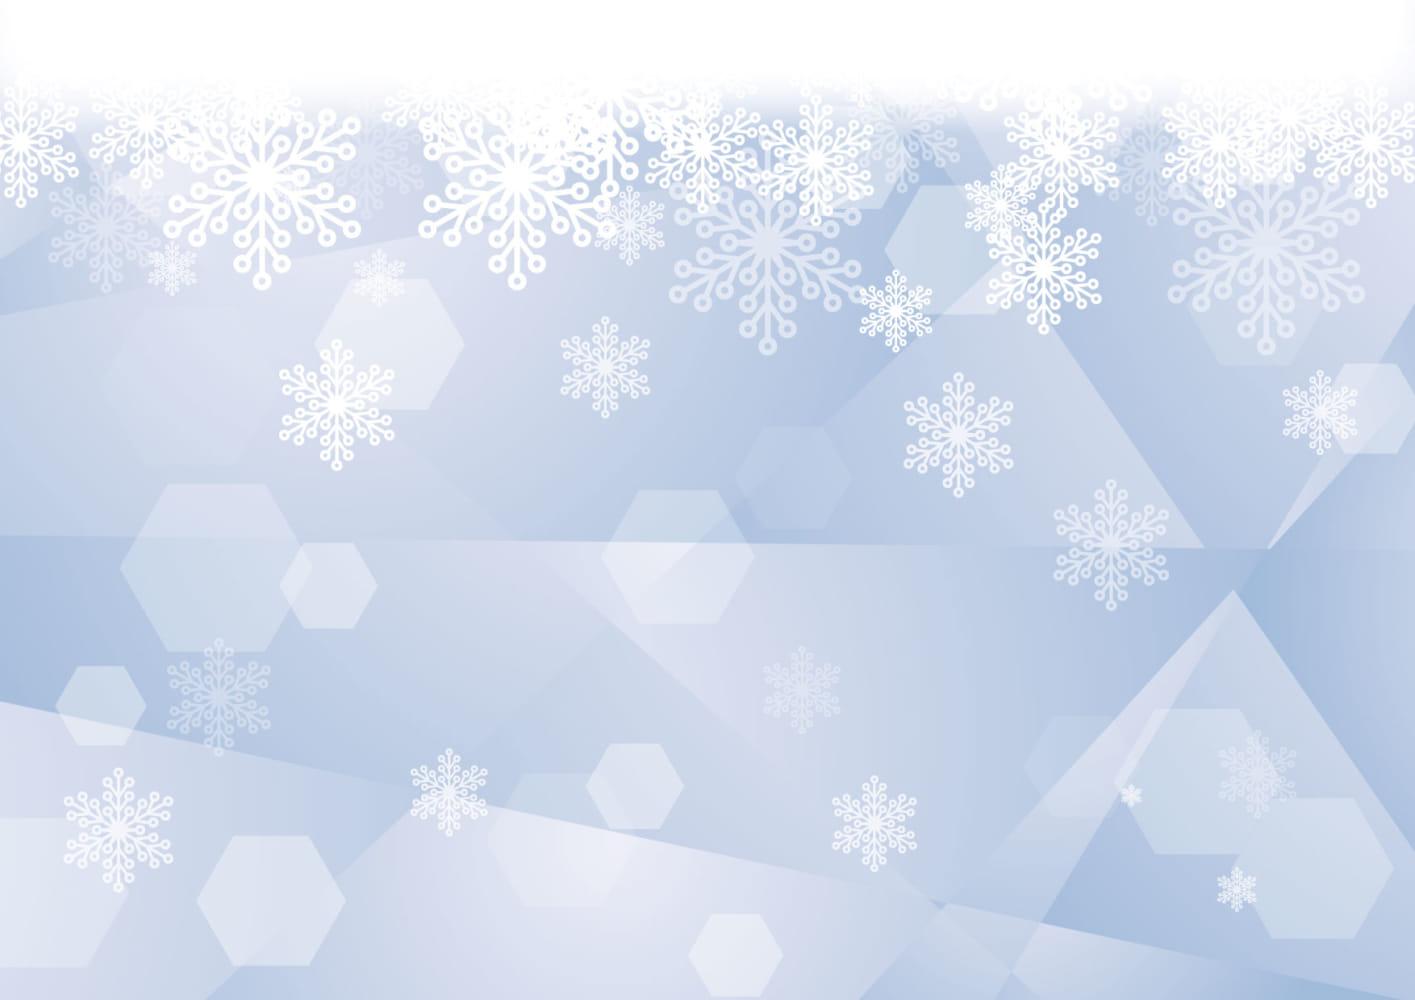 ブルー 背景 素材 フリー シンプル グラデーション   www.thetupian